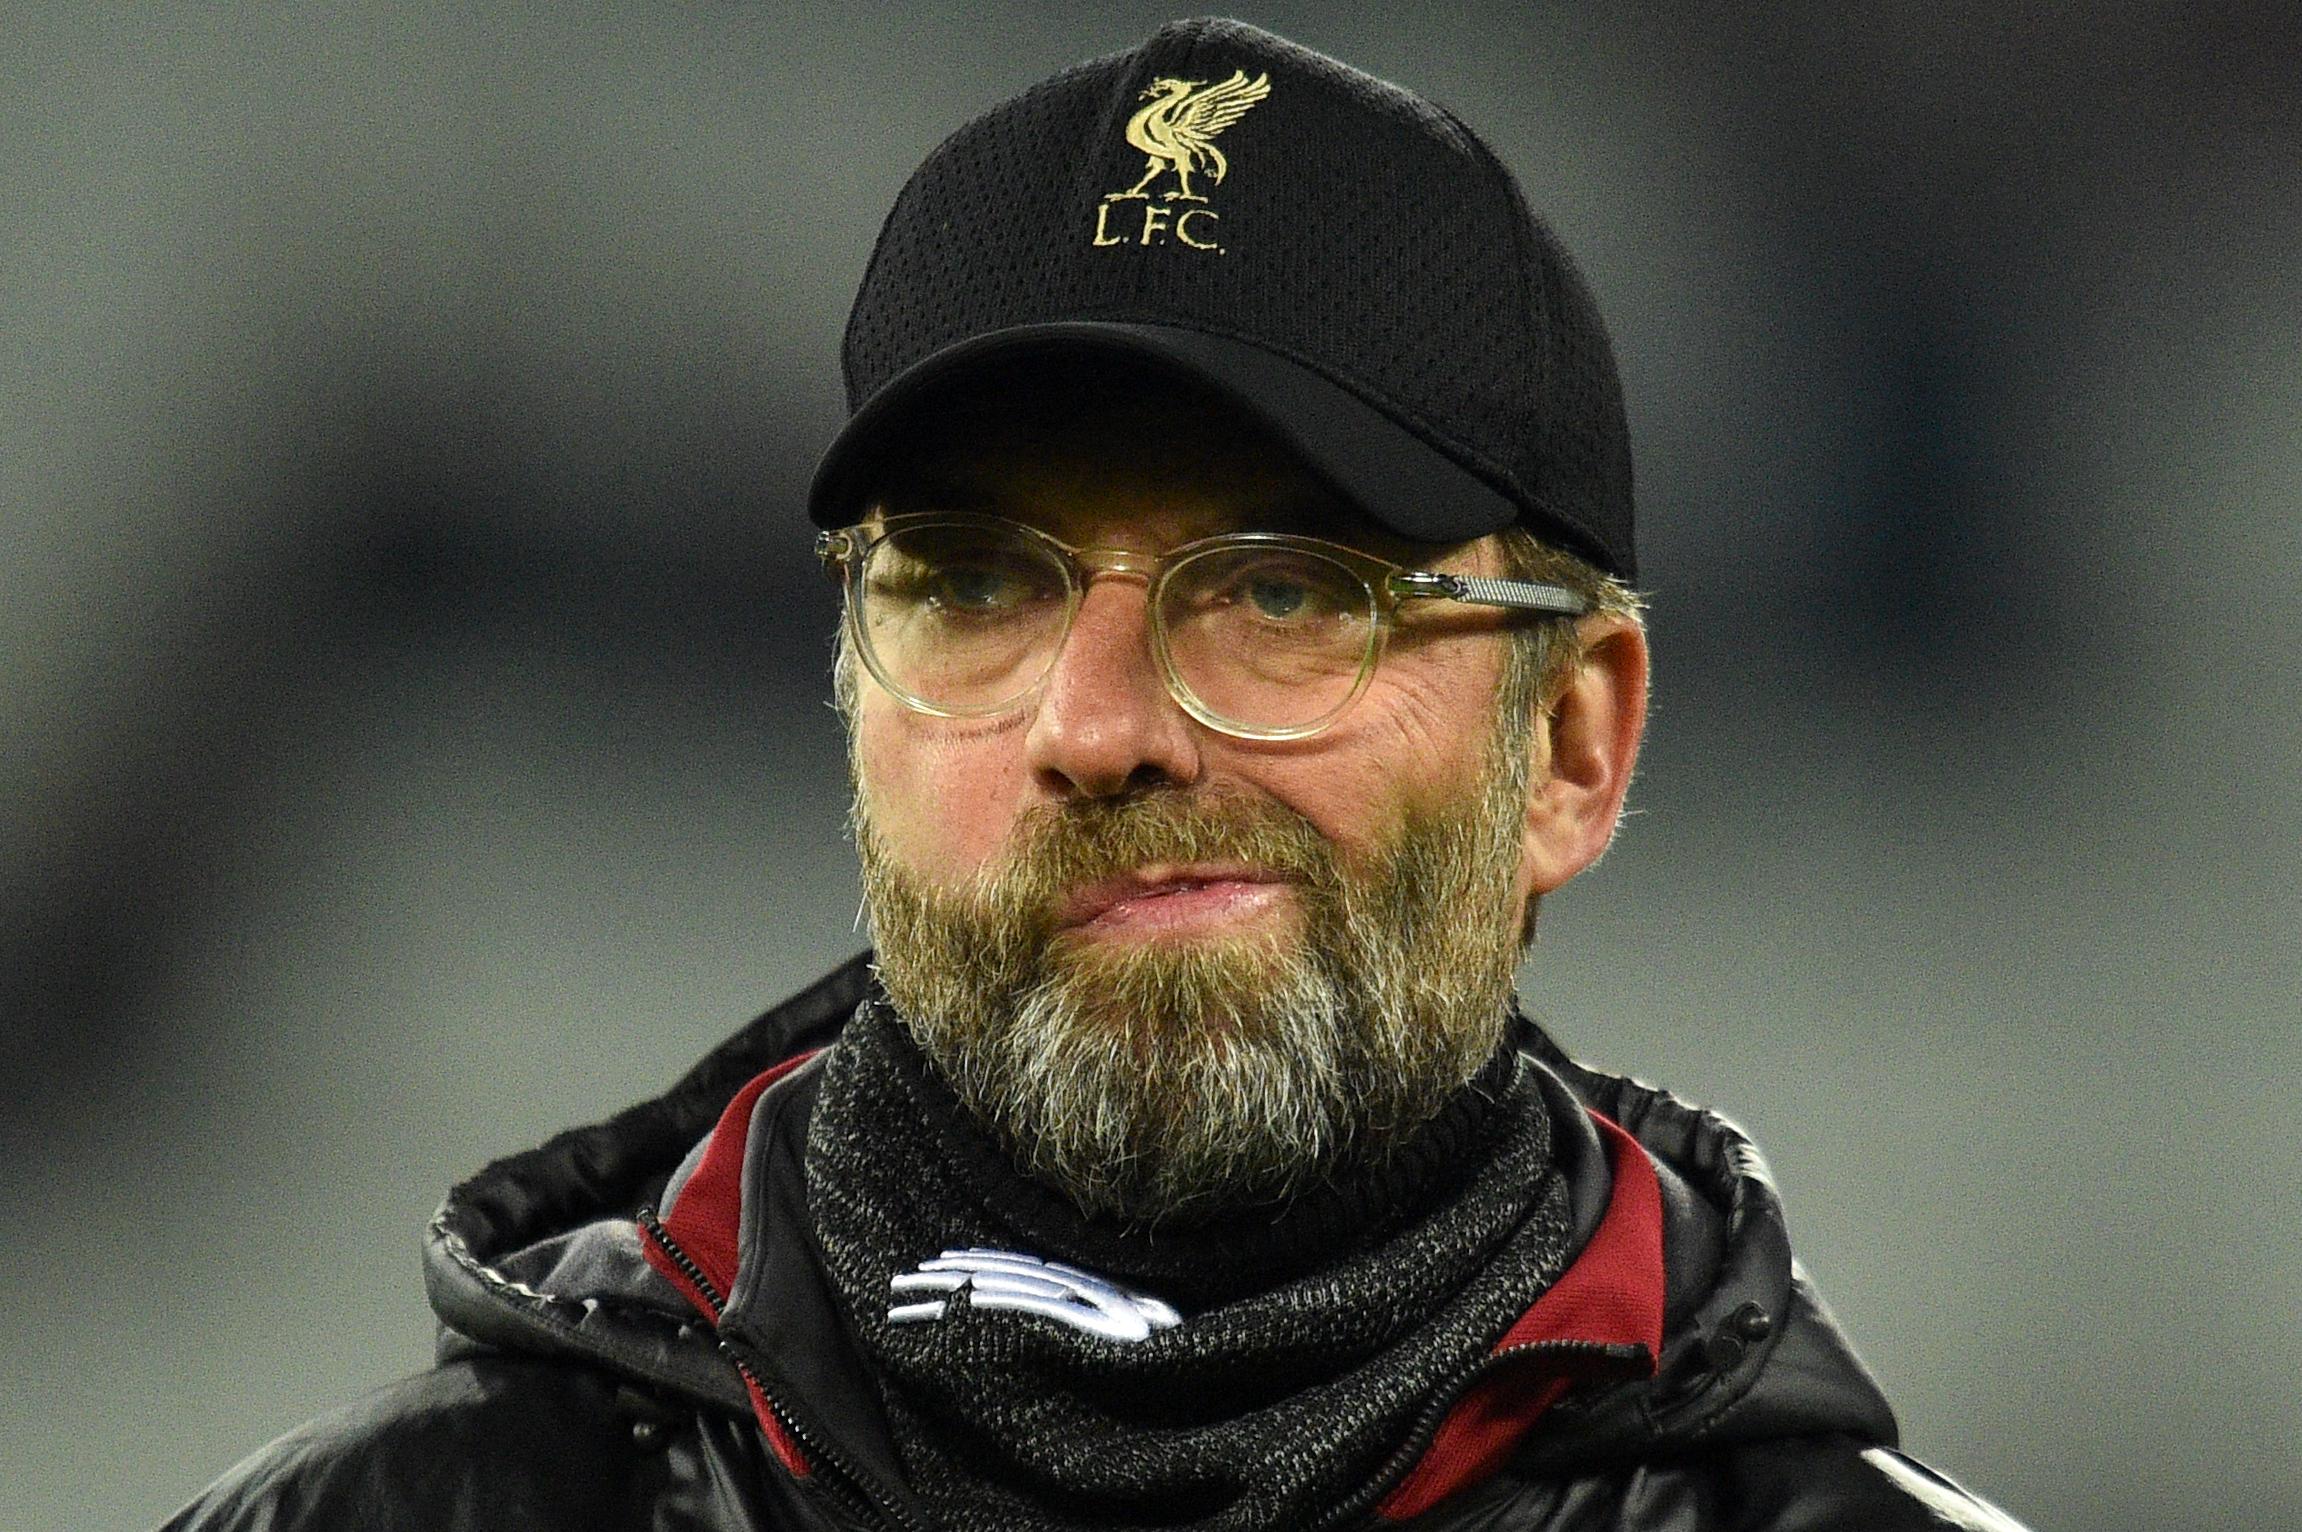 Jurgen Klopp muestra su disgusto después del empate del Liverpool contra el West Ham. (Foto Prensa Libre: AFP)